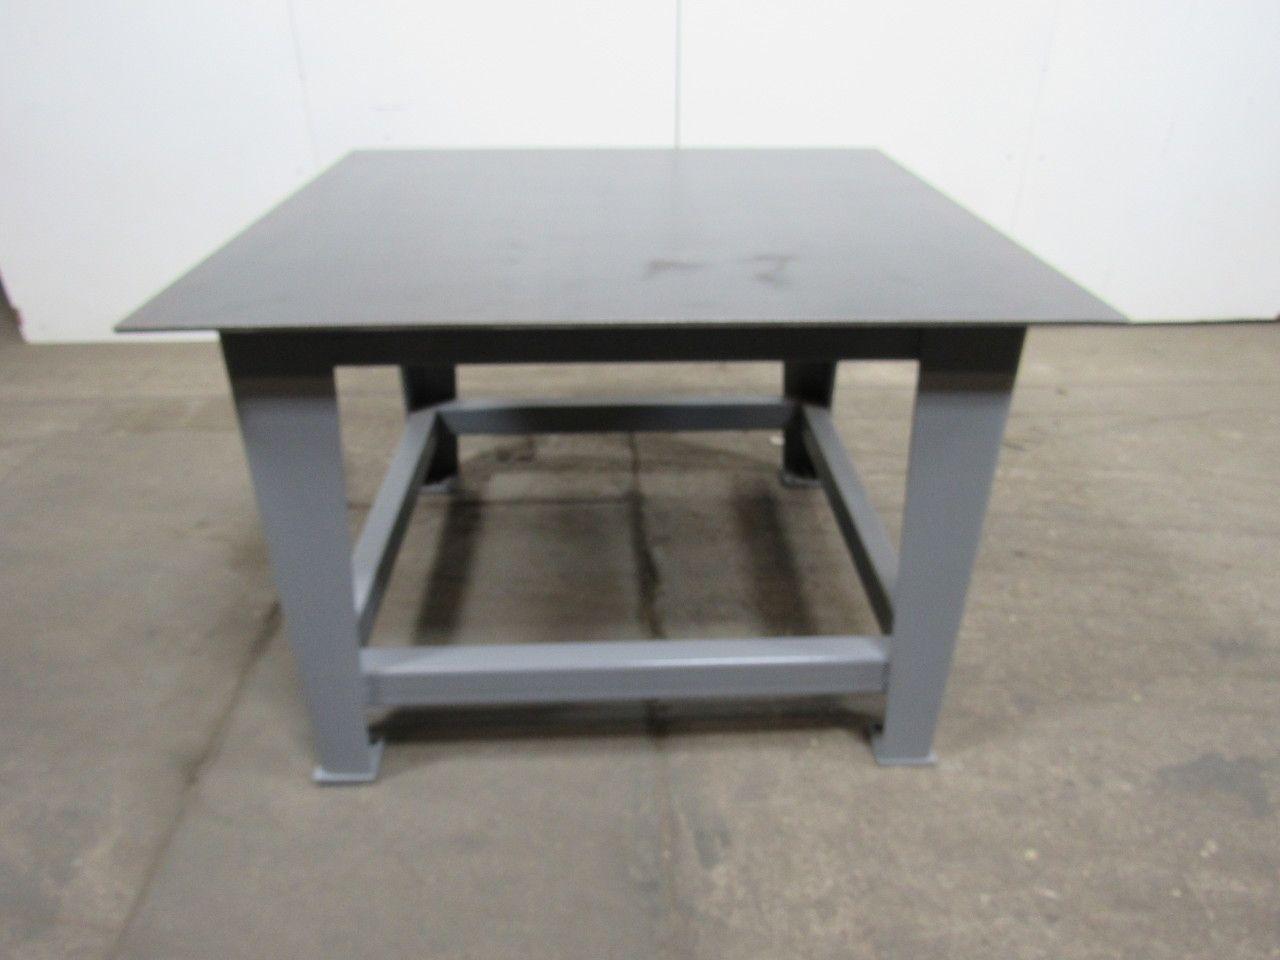 48 X48 X33 Heavy Duty Steel Welding Layout Assembly Work Bench Table New Welding Table Table Table Accessories [ 960 x 1280 Pixel ]